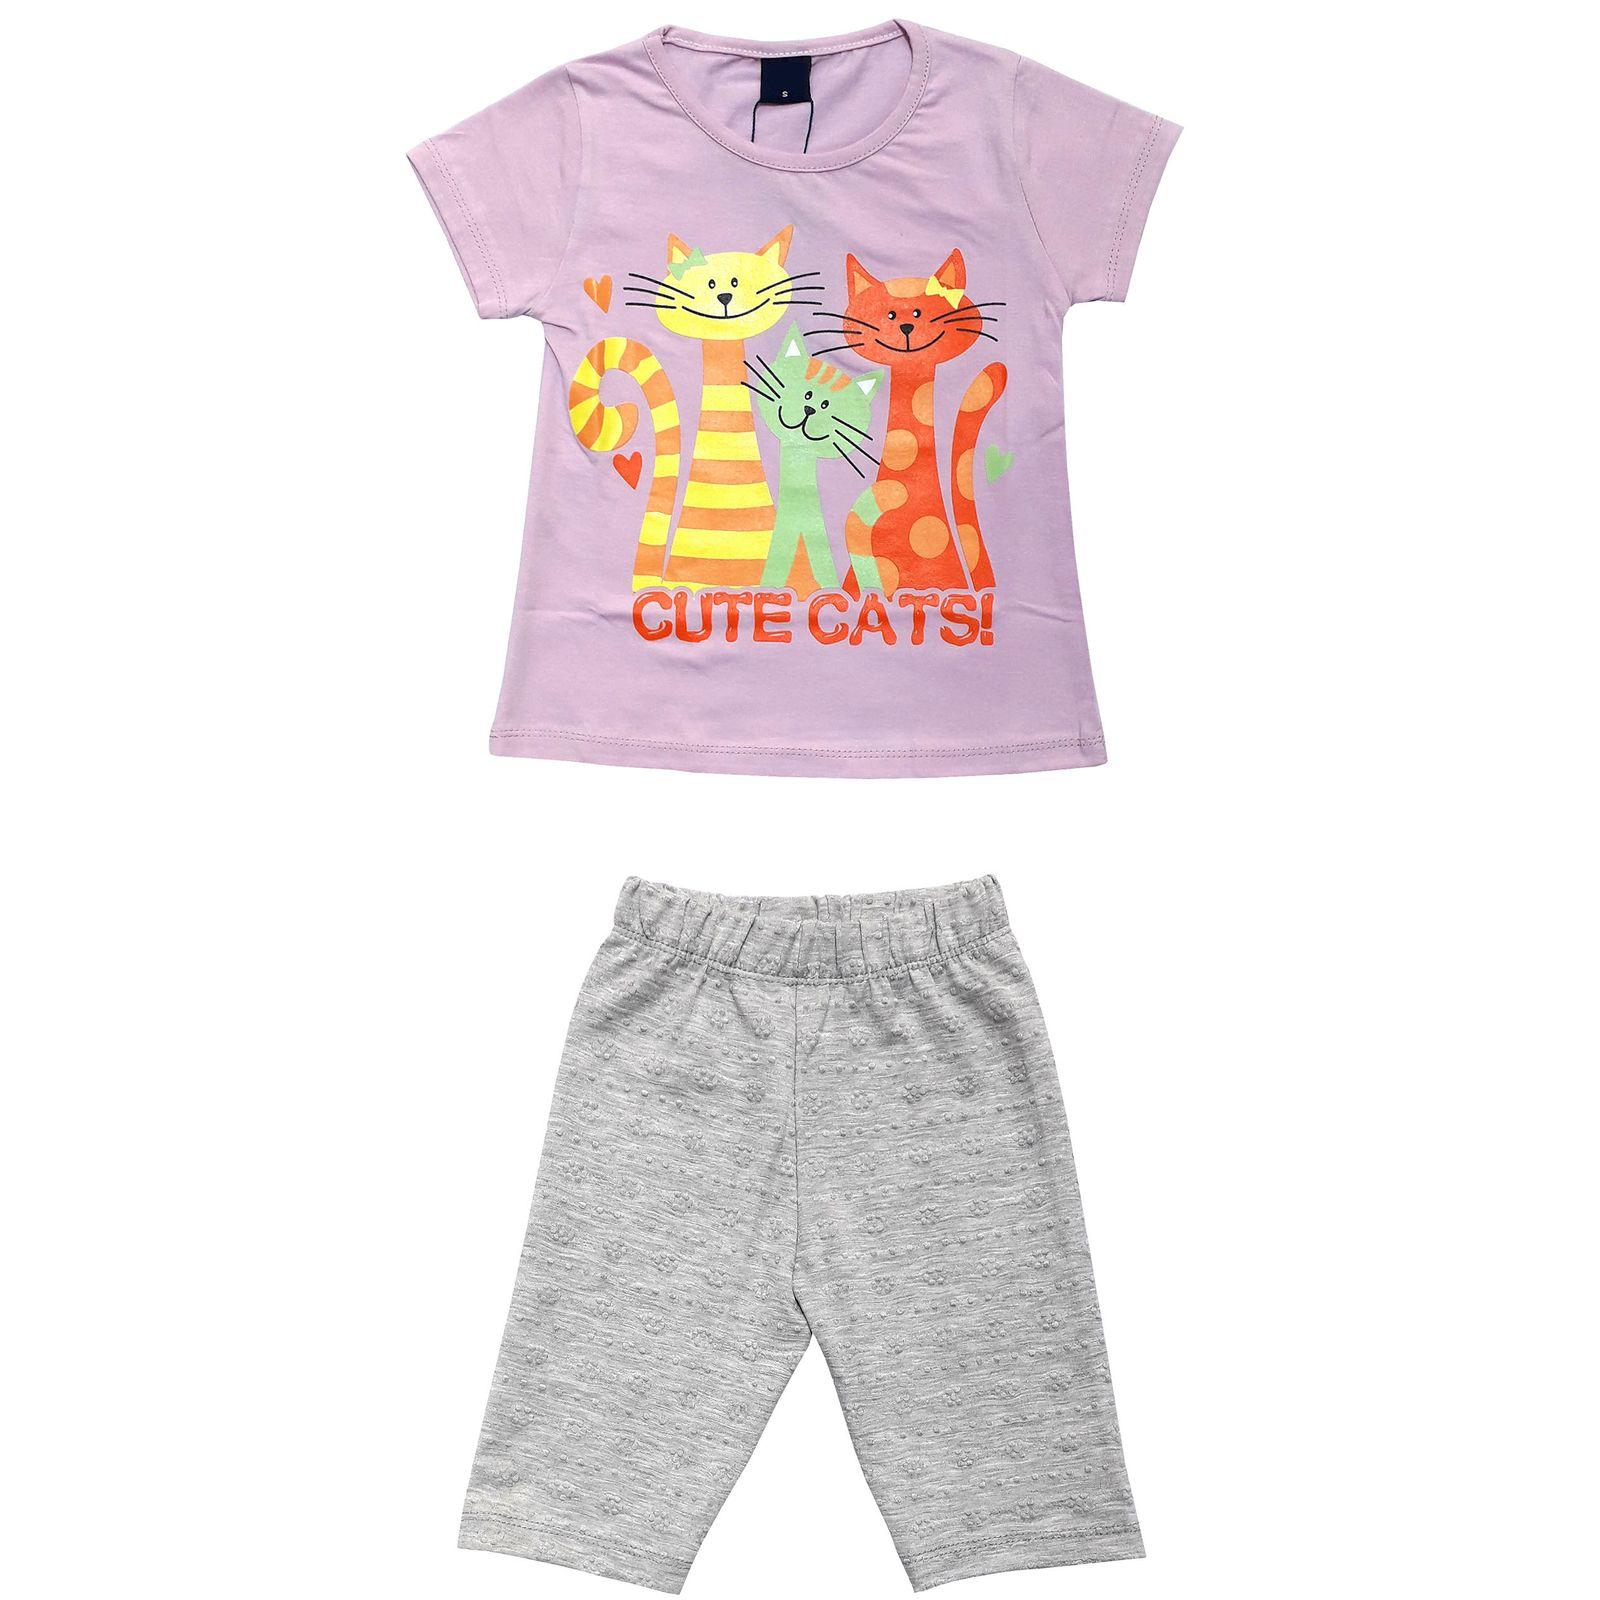 ست تی شرت و شلوارک دخترانه کد 7787924 -  - 3